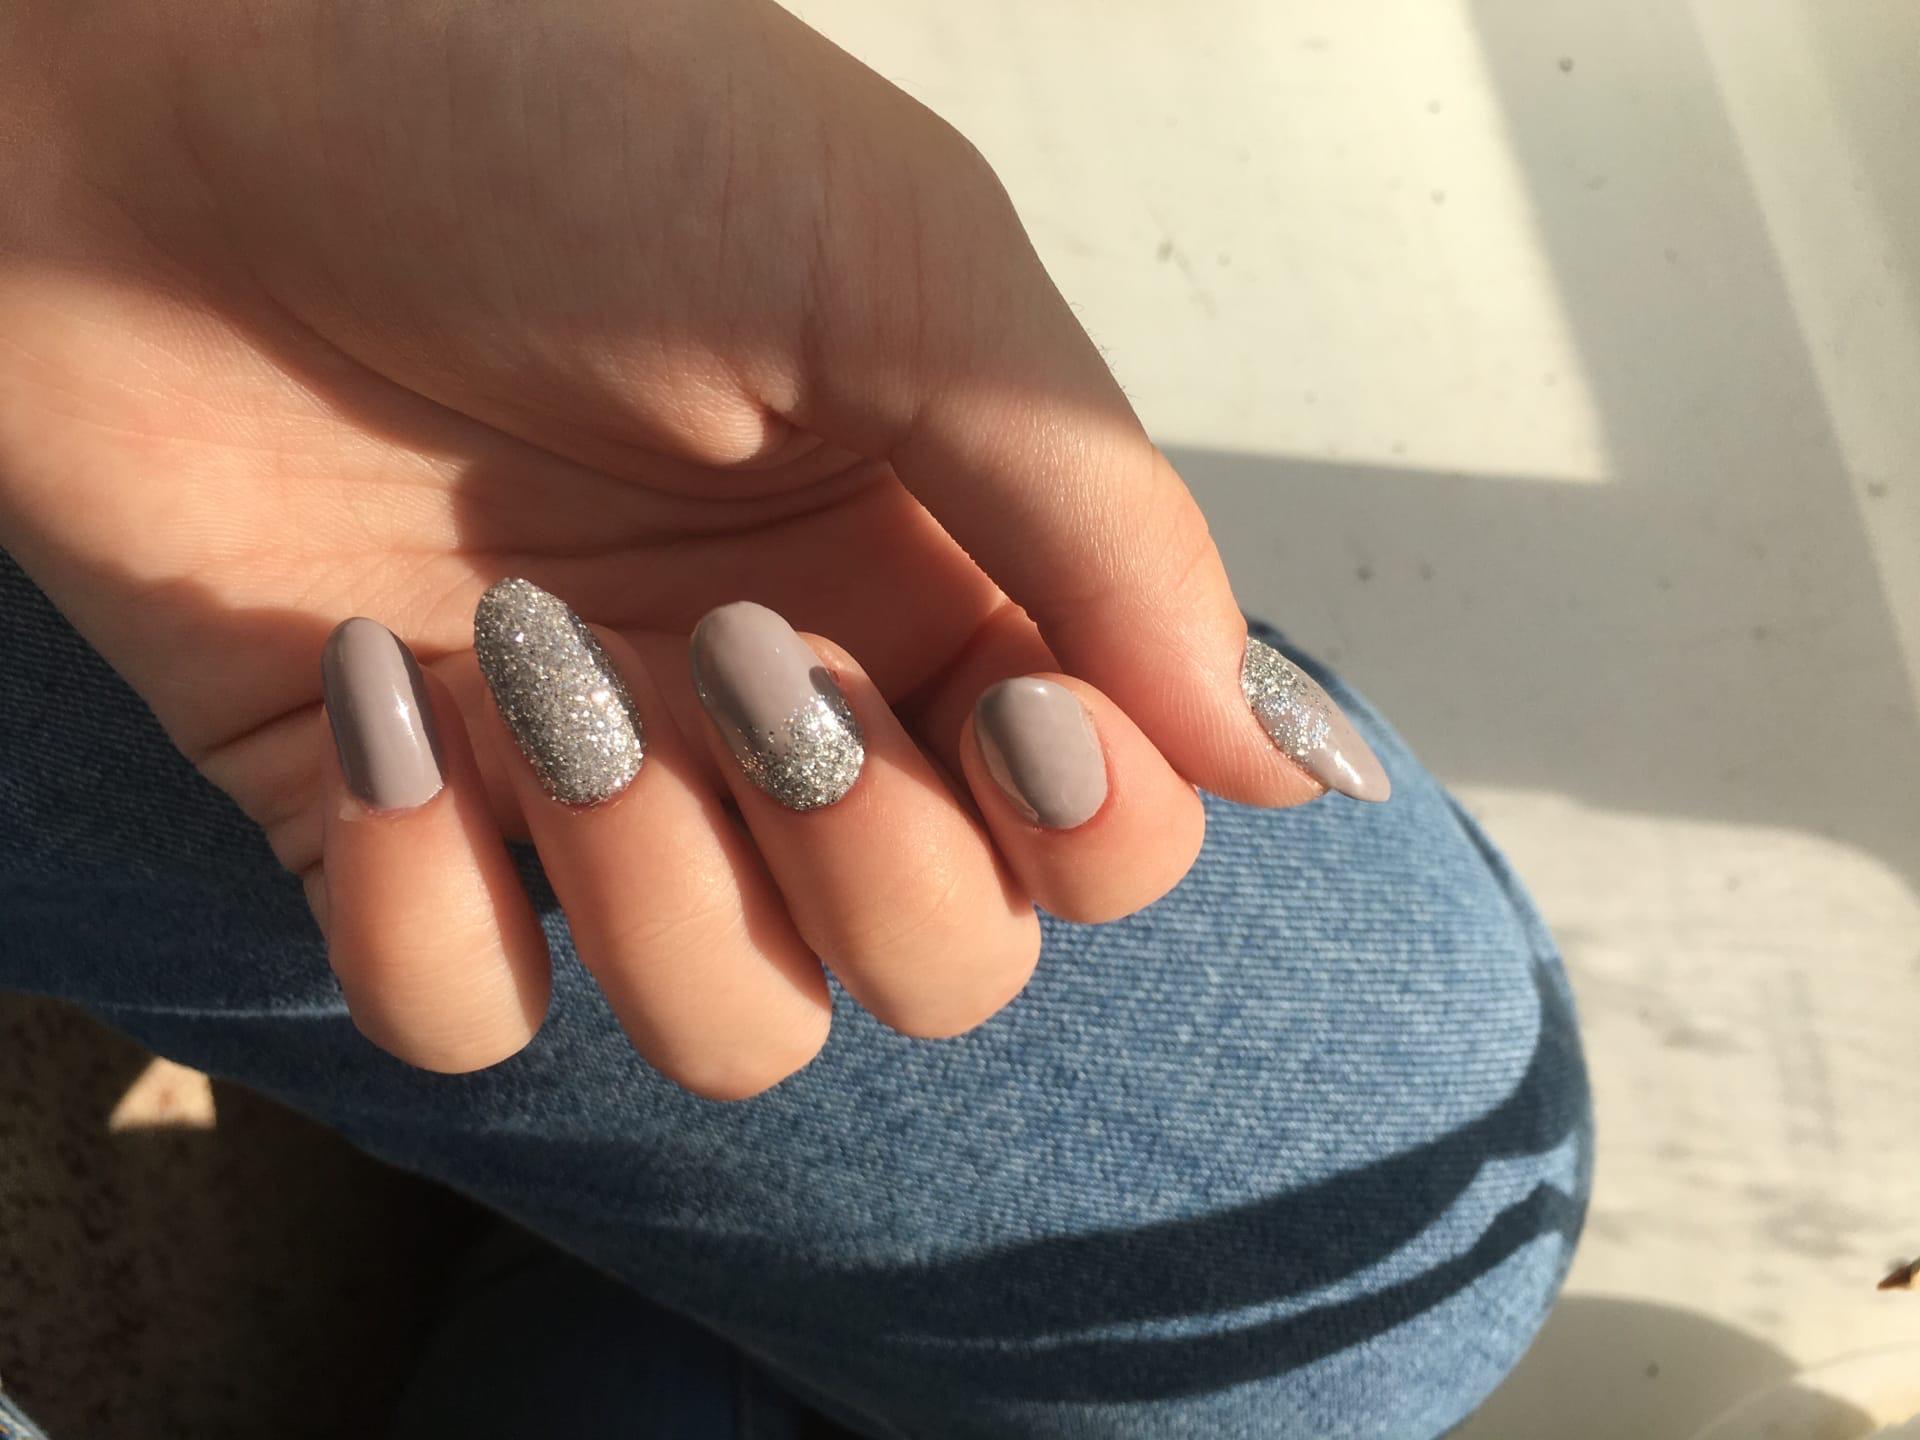 Маникюр с серебряными блестками в пастельных тонах на длинные ногти.